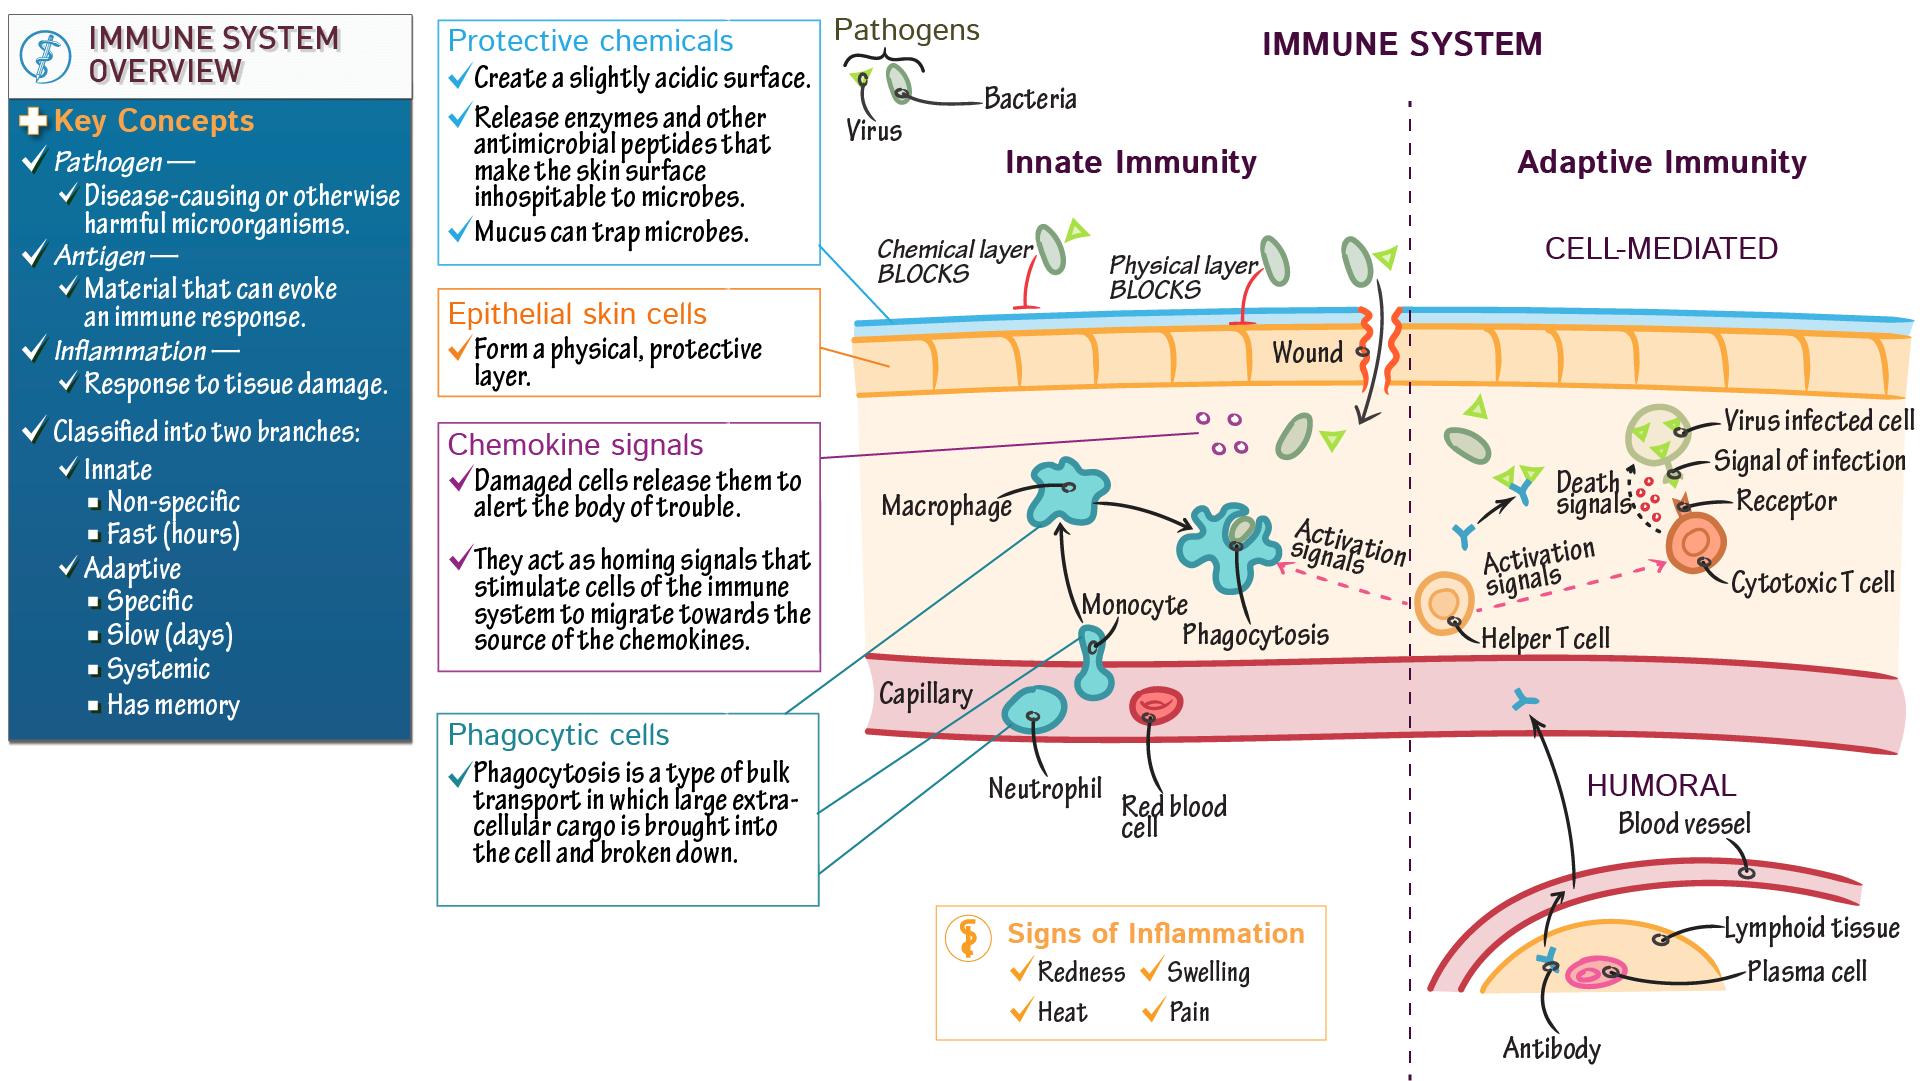 Niedlich Immune System Anatomy And Physiology Ideen - Menschliche ...